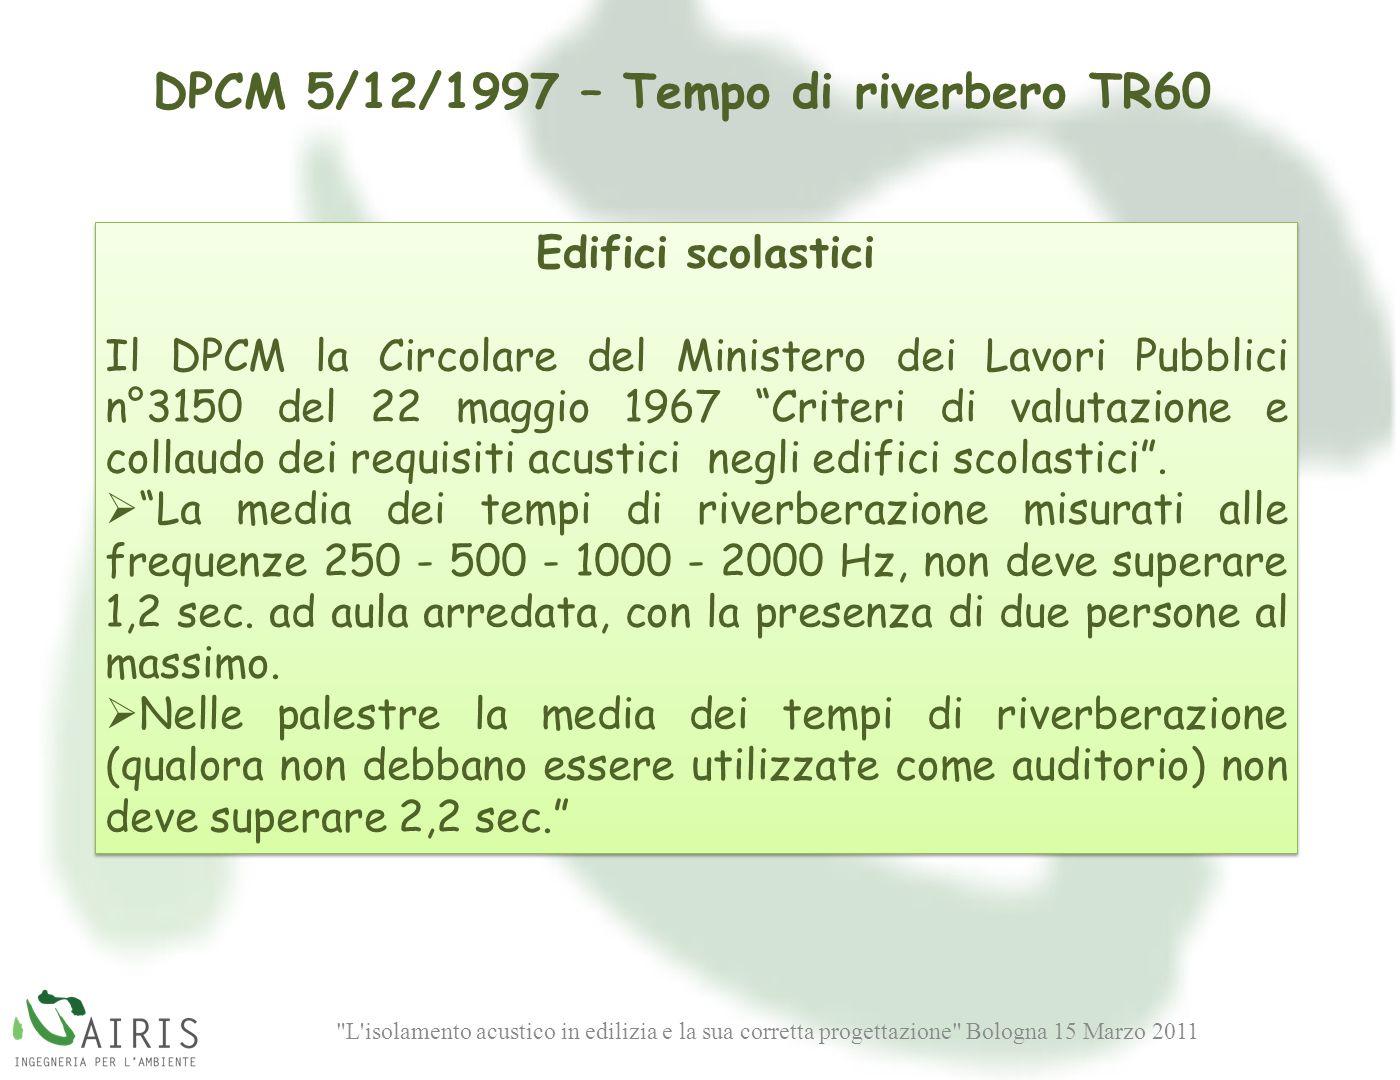 DPCM 5/12/1997 – Tempo di riverbero TR60